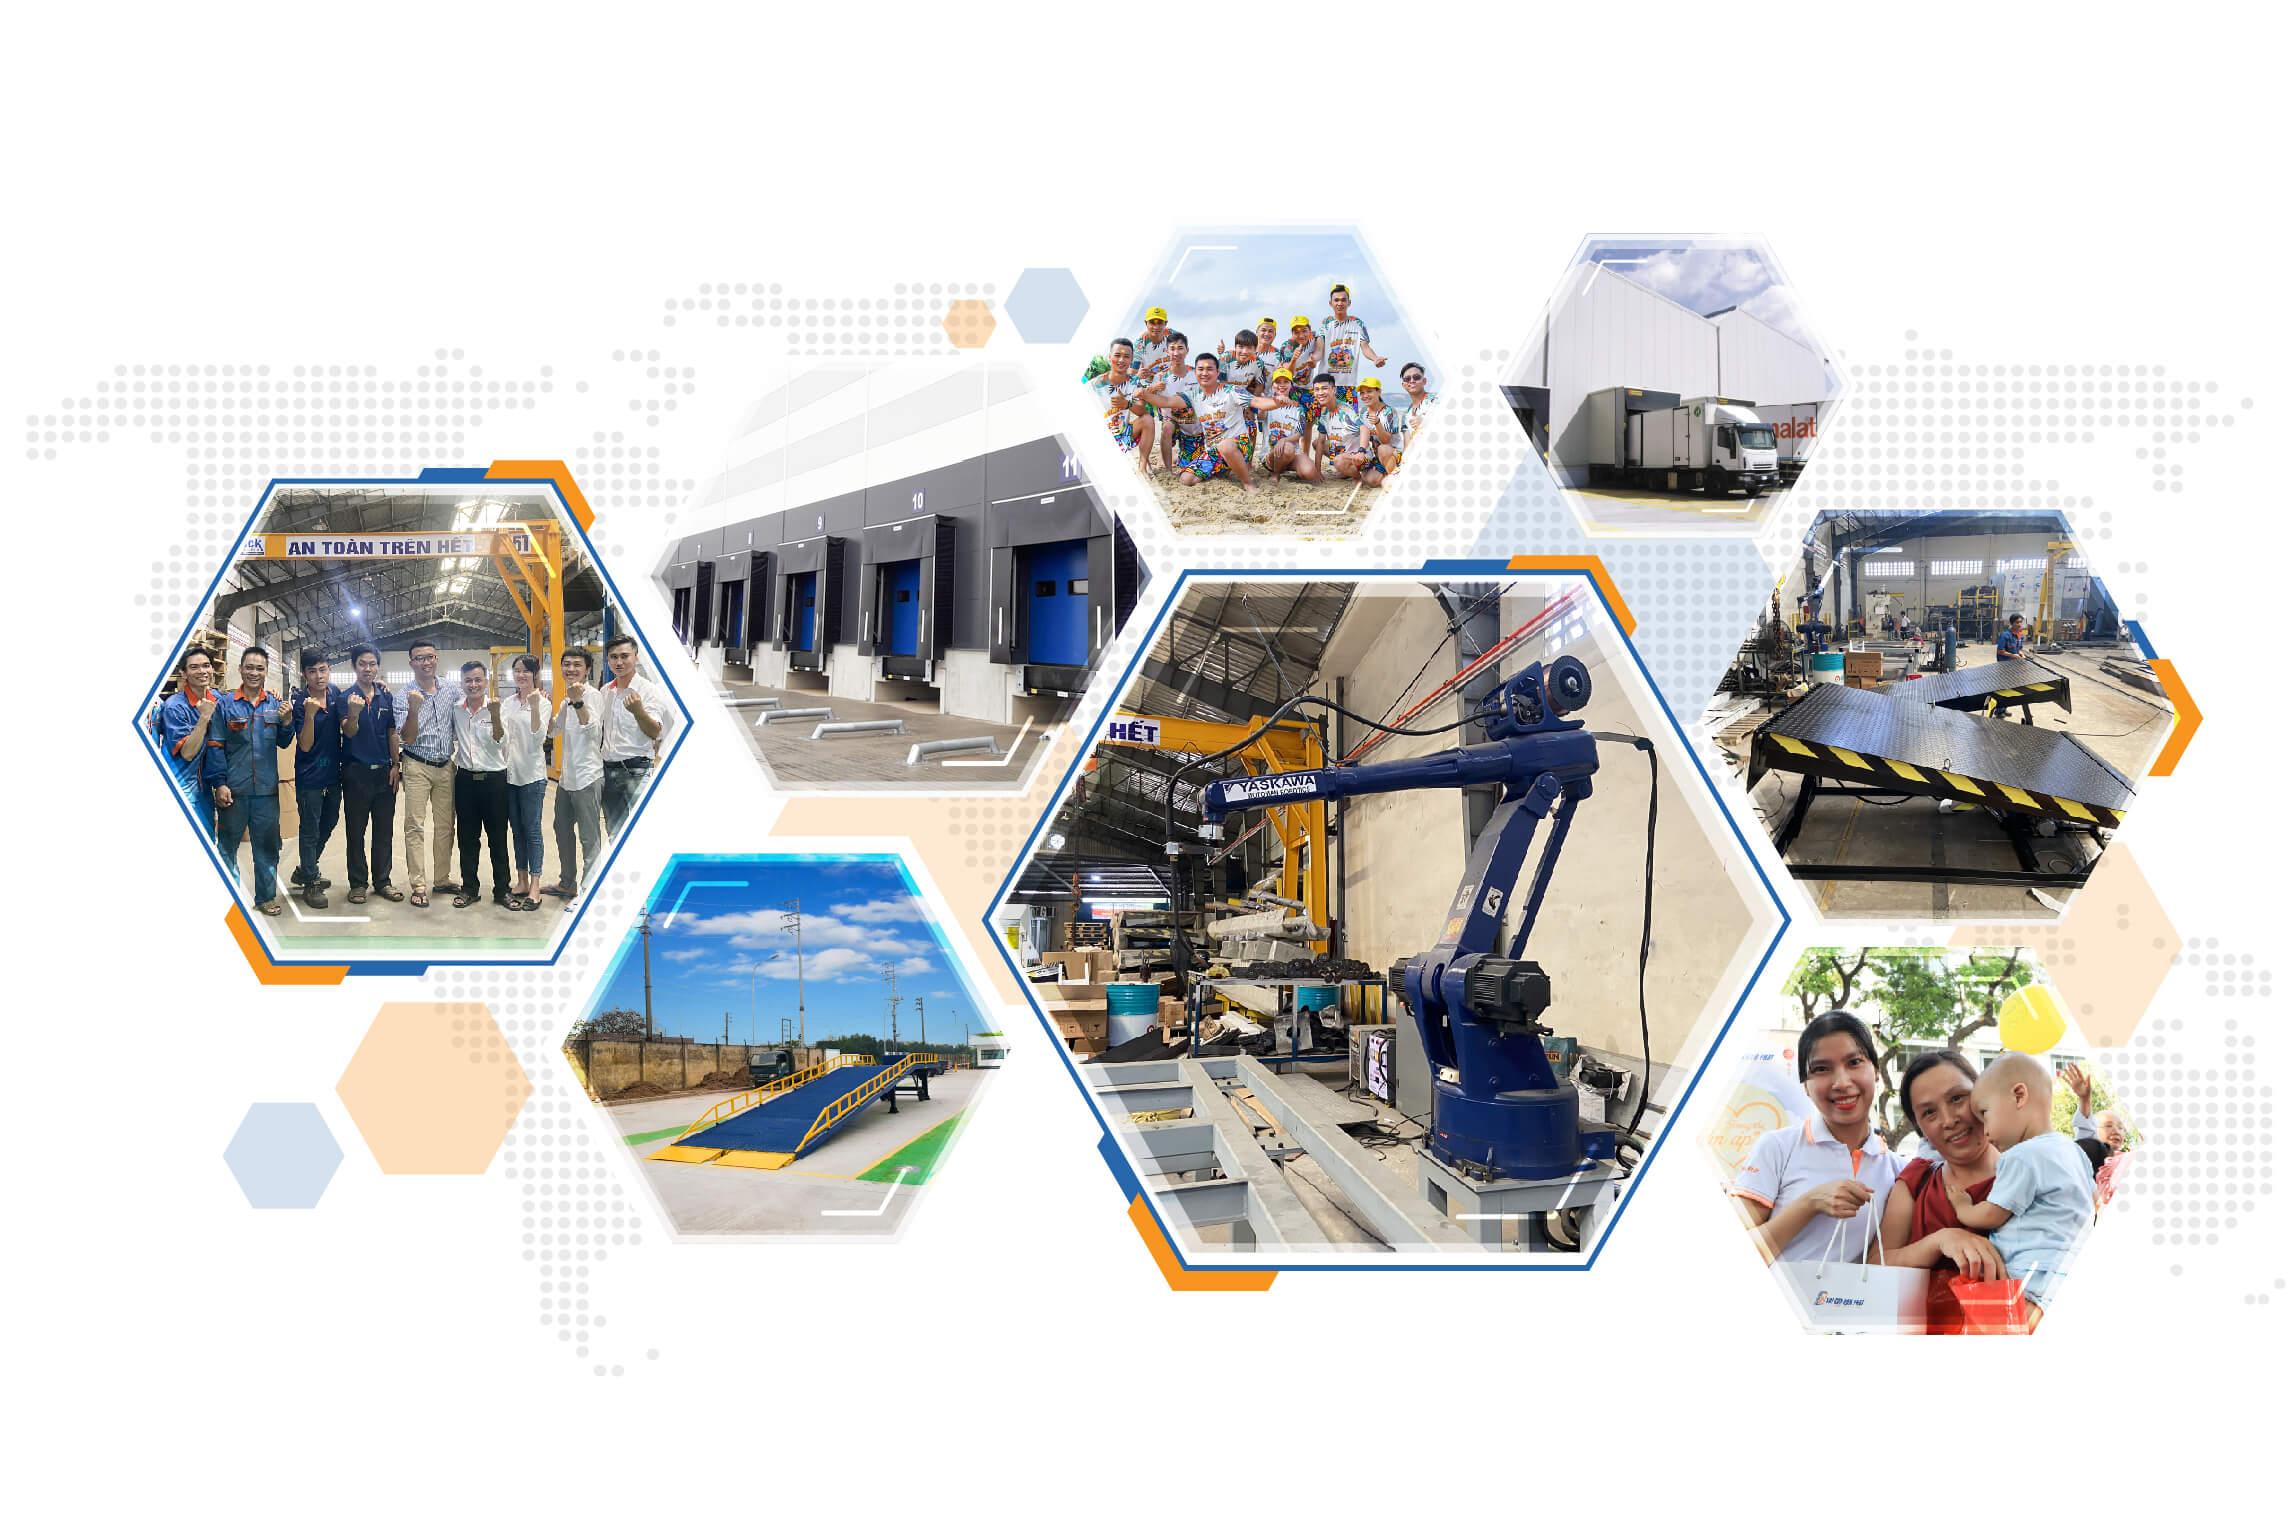 Navidock Dockleveller Manufacture VietNam